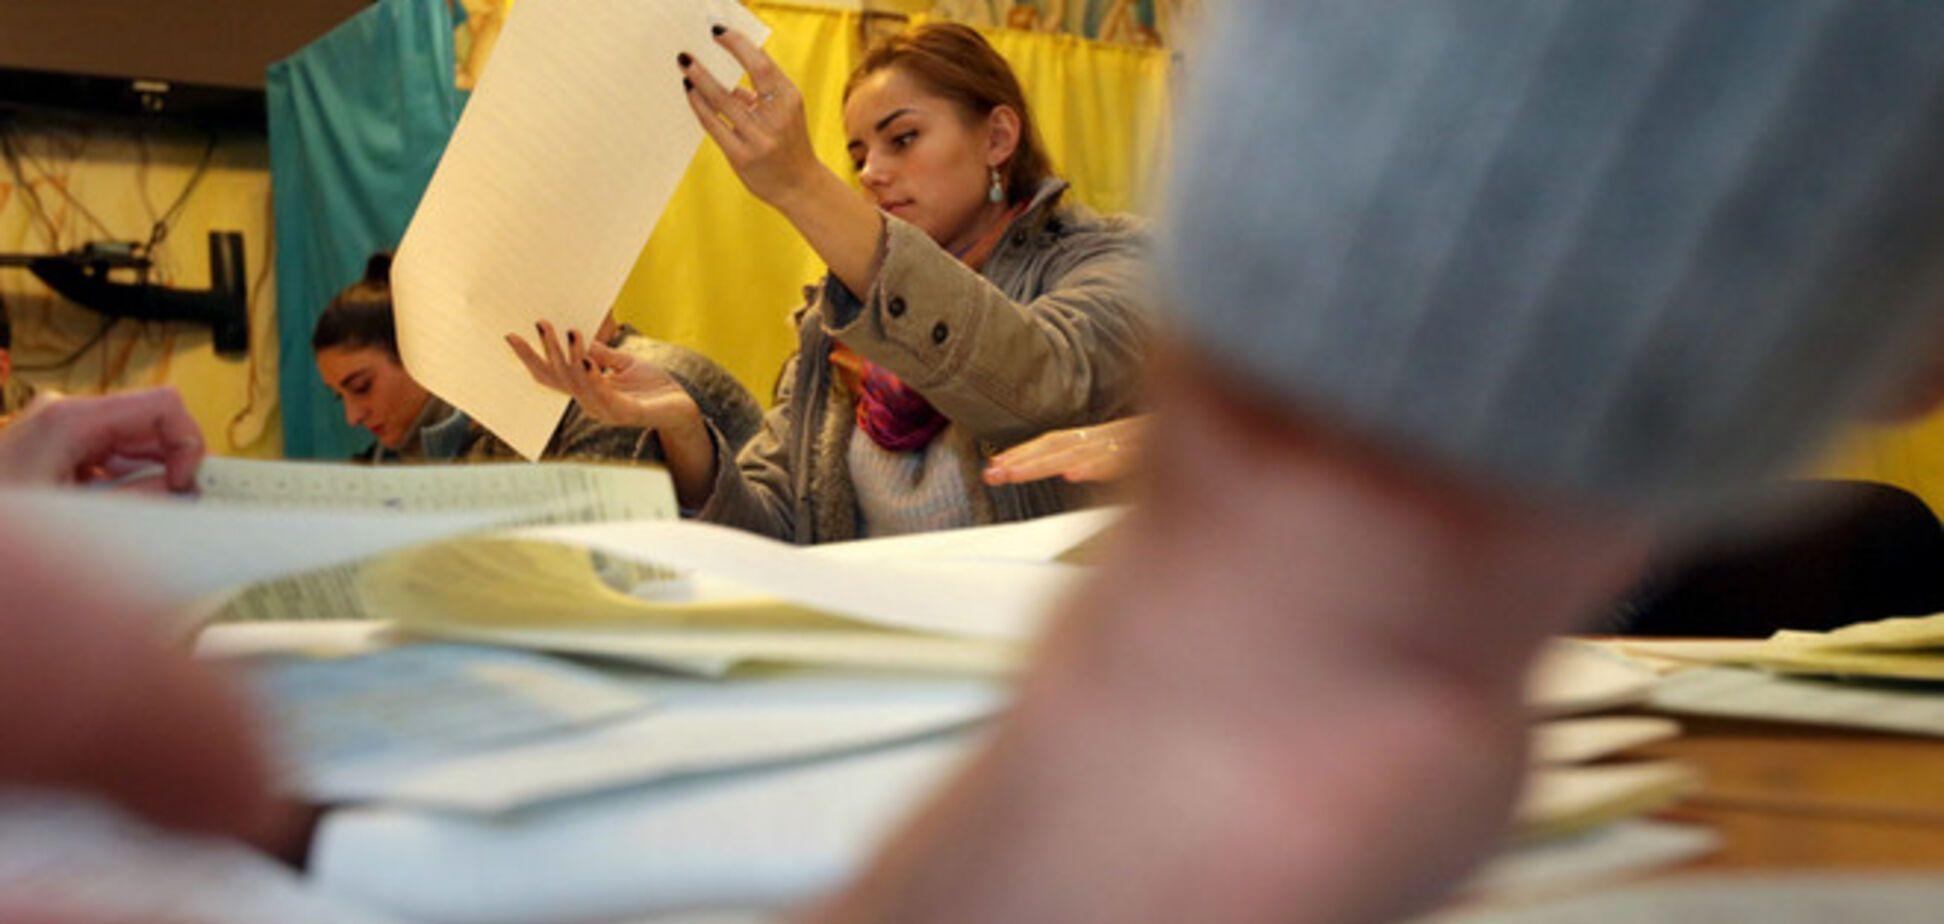 Зам Коломойського: Вілкул викупив виборчий штаб Блоку Порошенка в Дніпропетровську